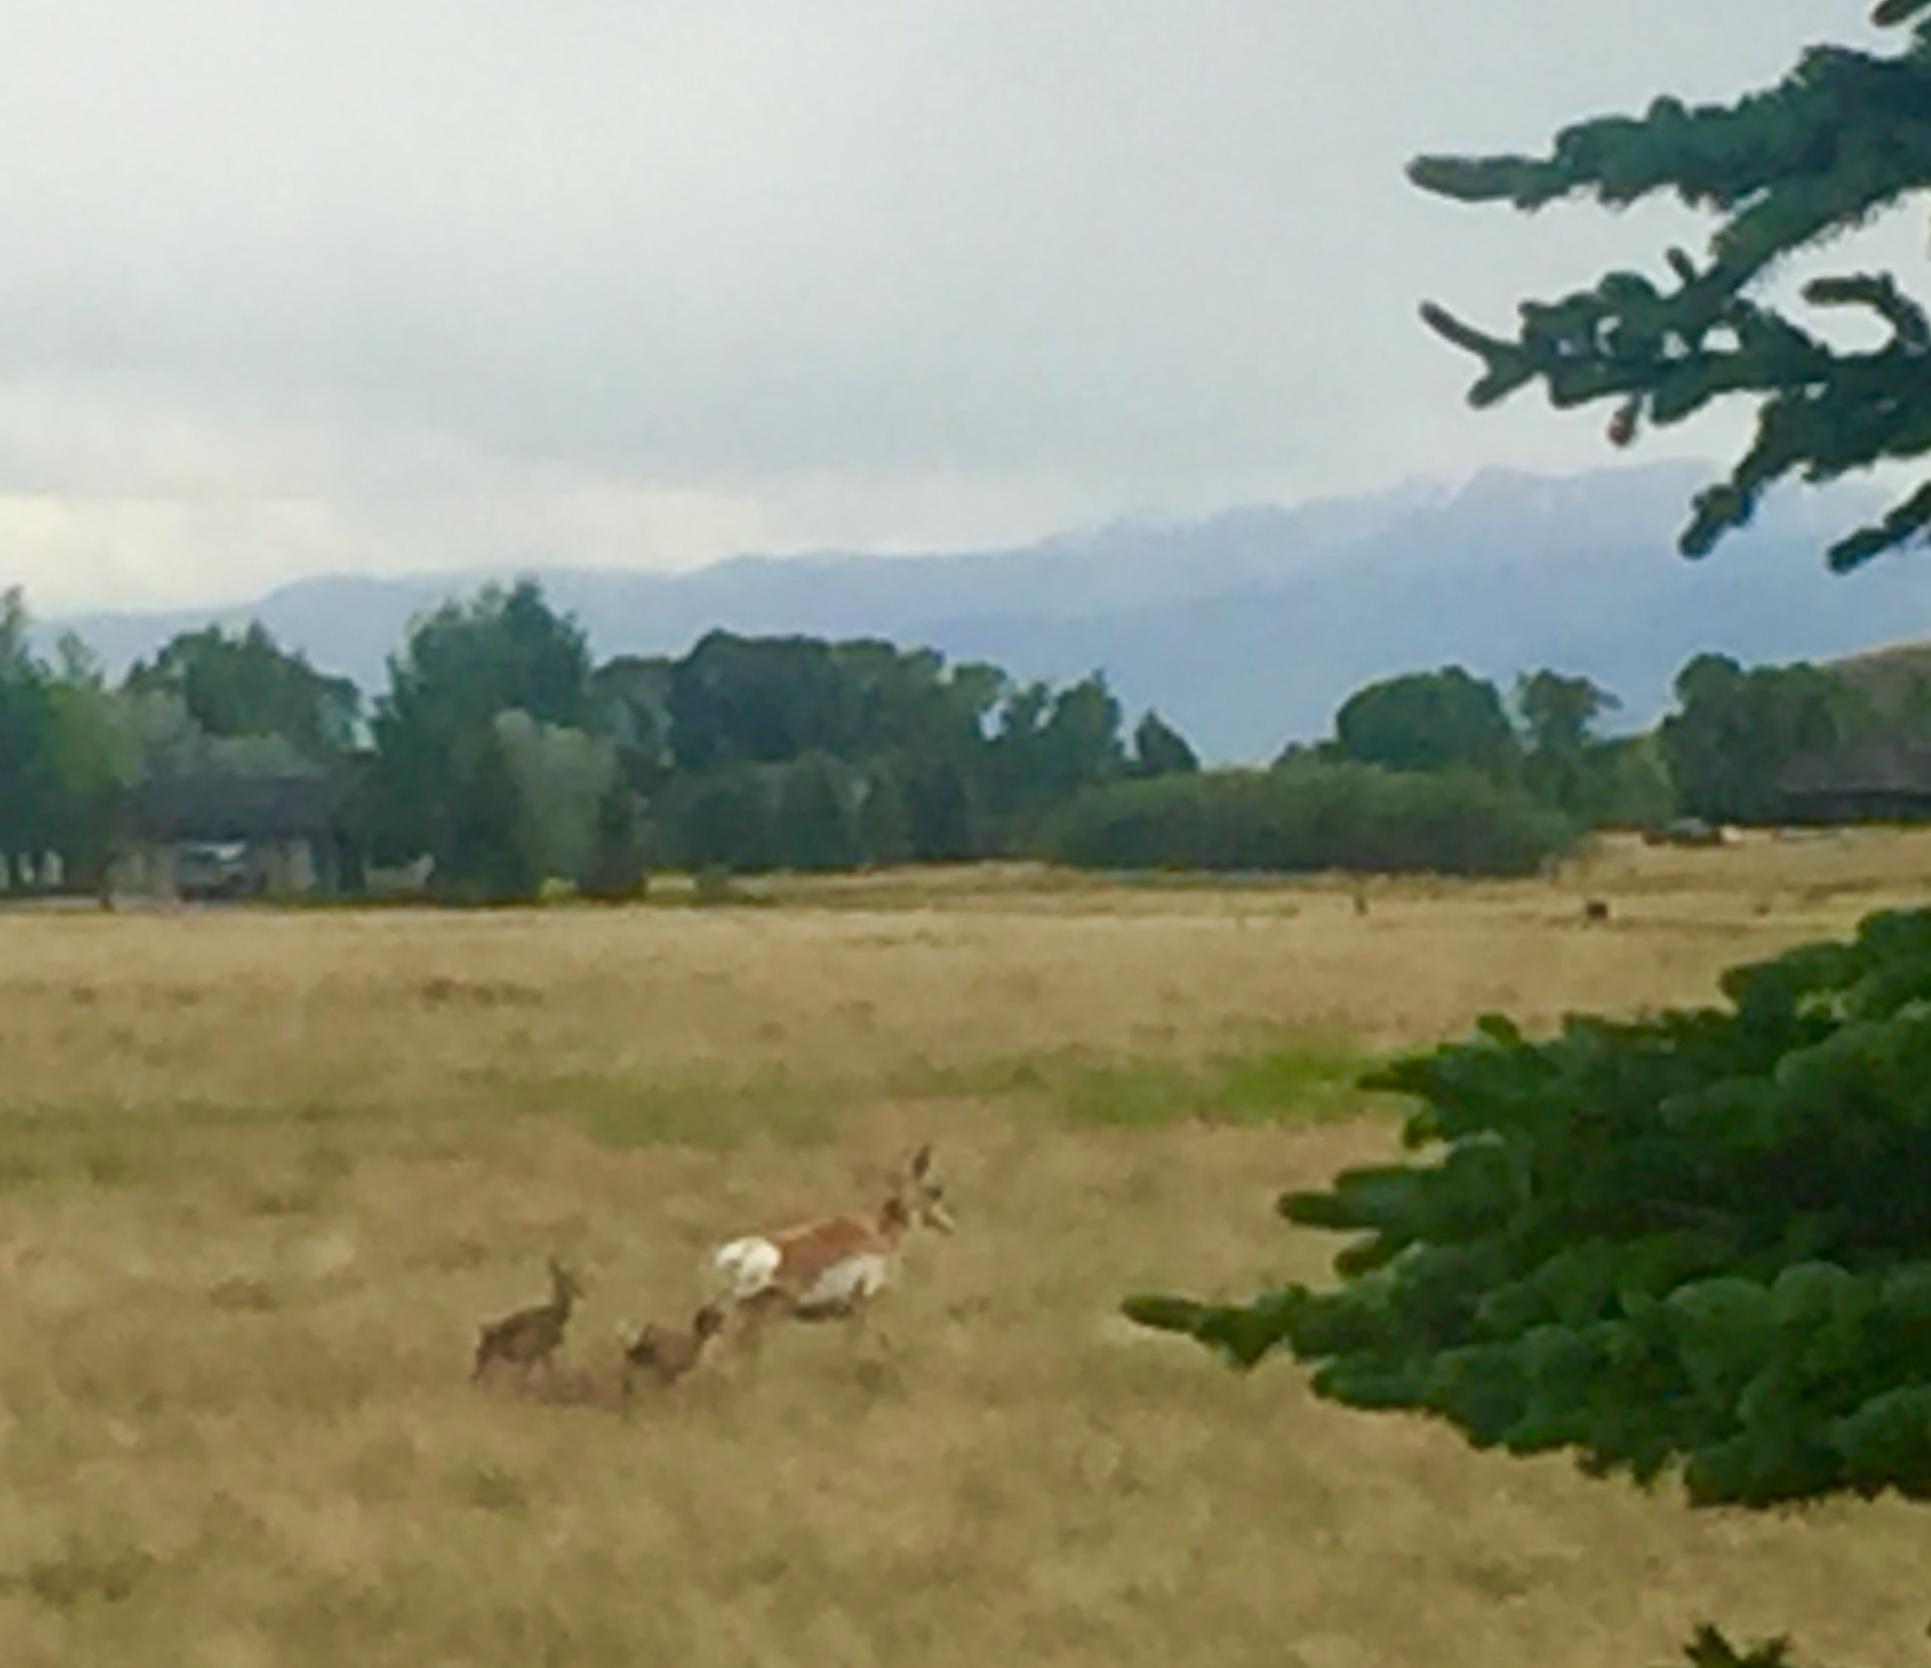 antelope doe w 2 babies.jpg